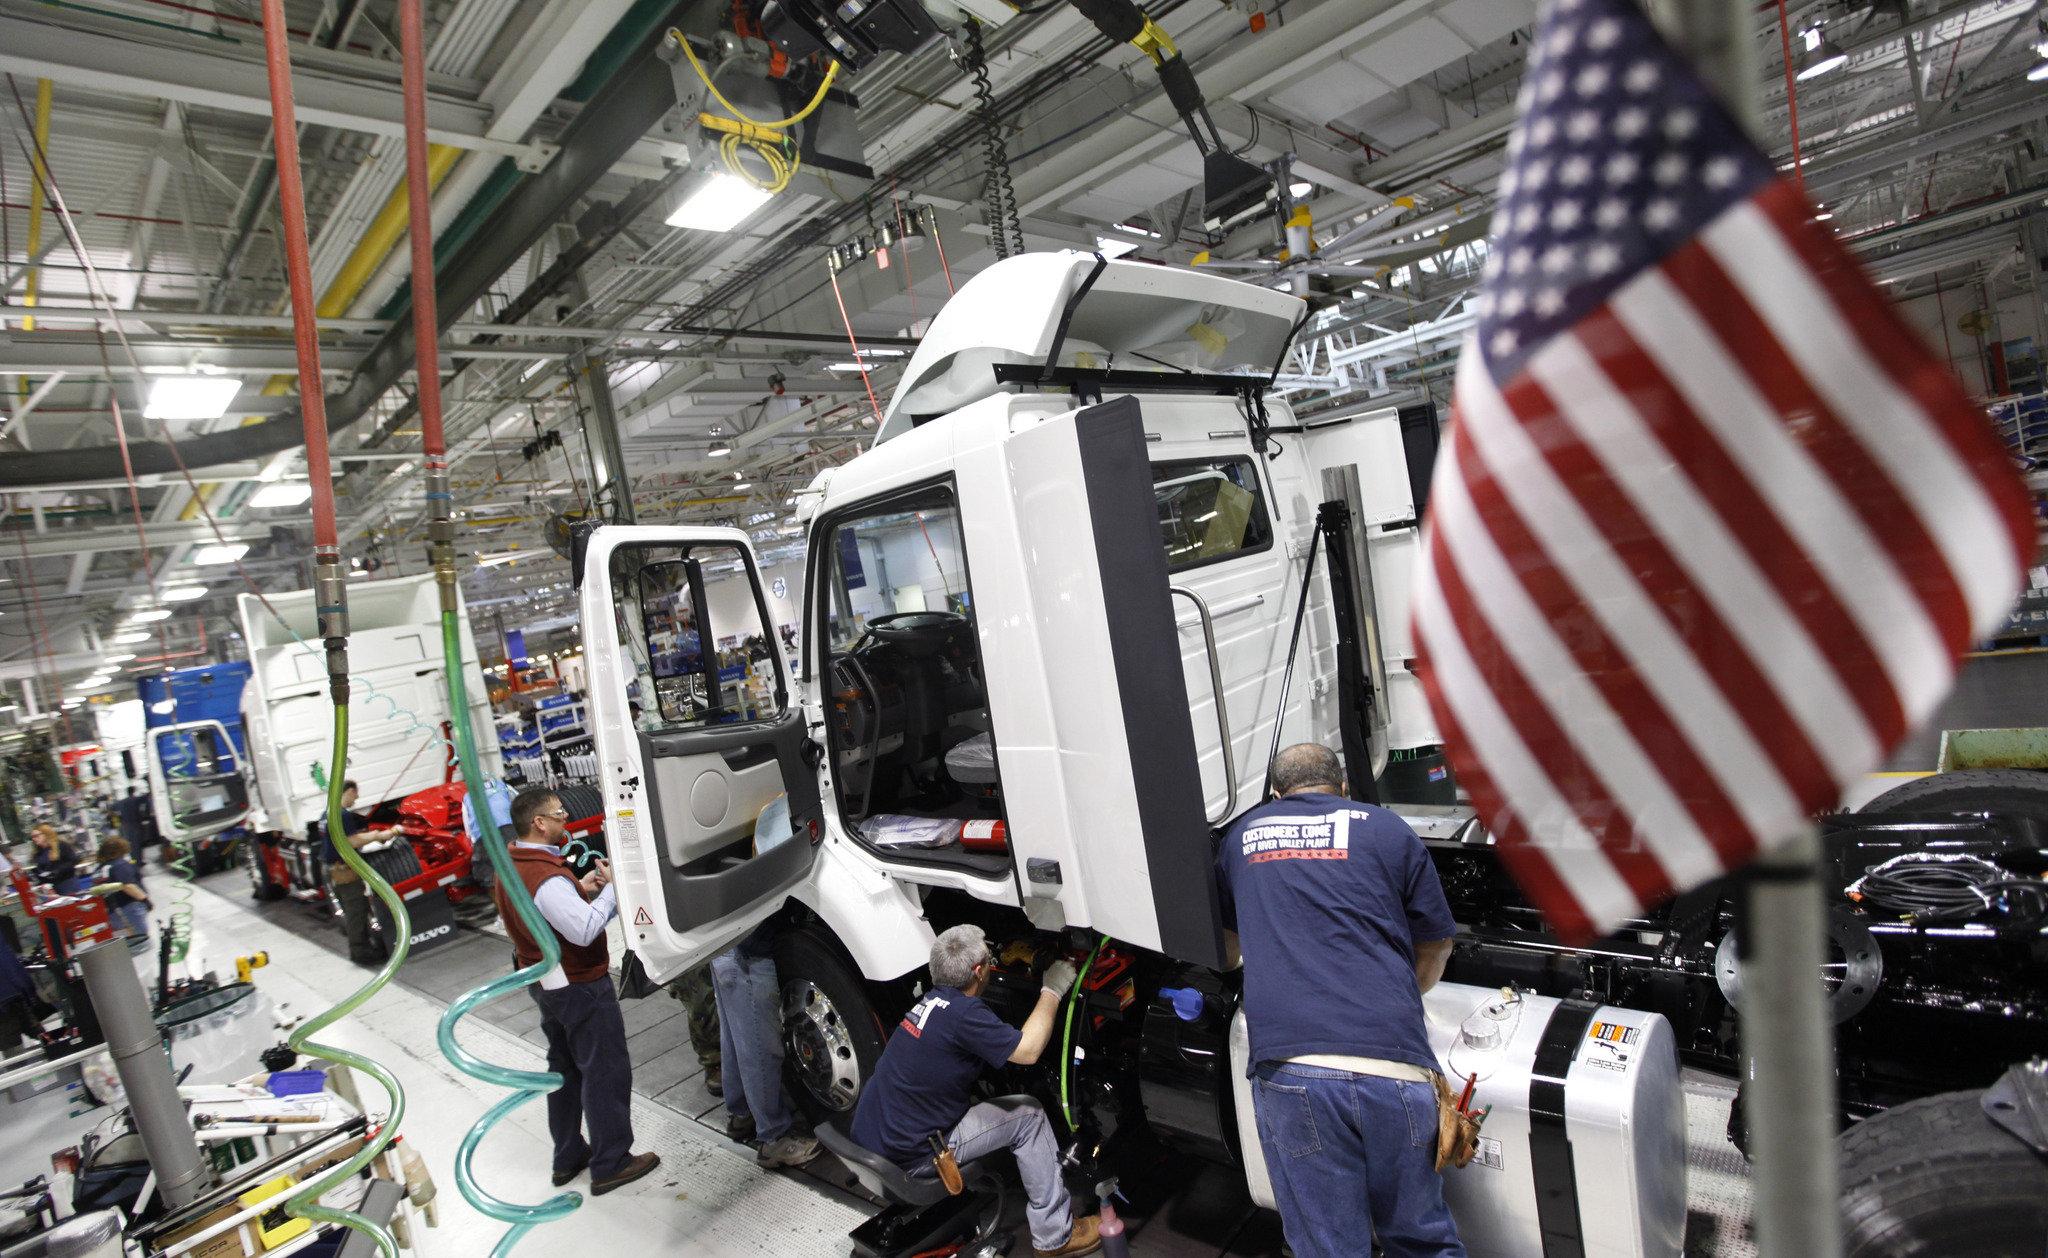 De la economía de Estados Unidos se espera mucho en este 2015 ensombrecido en materia económica.